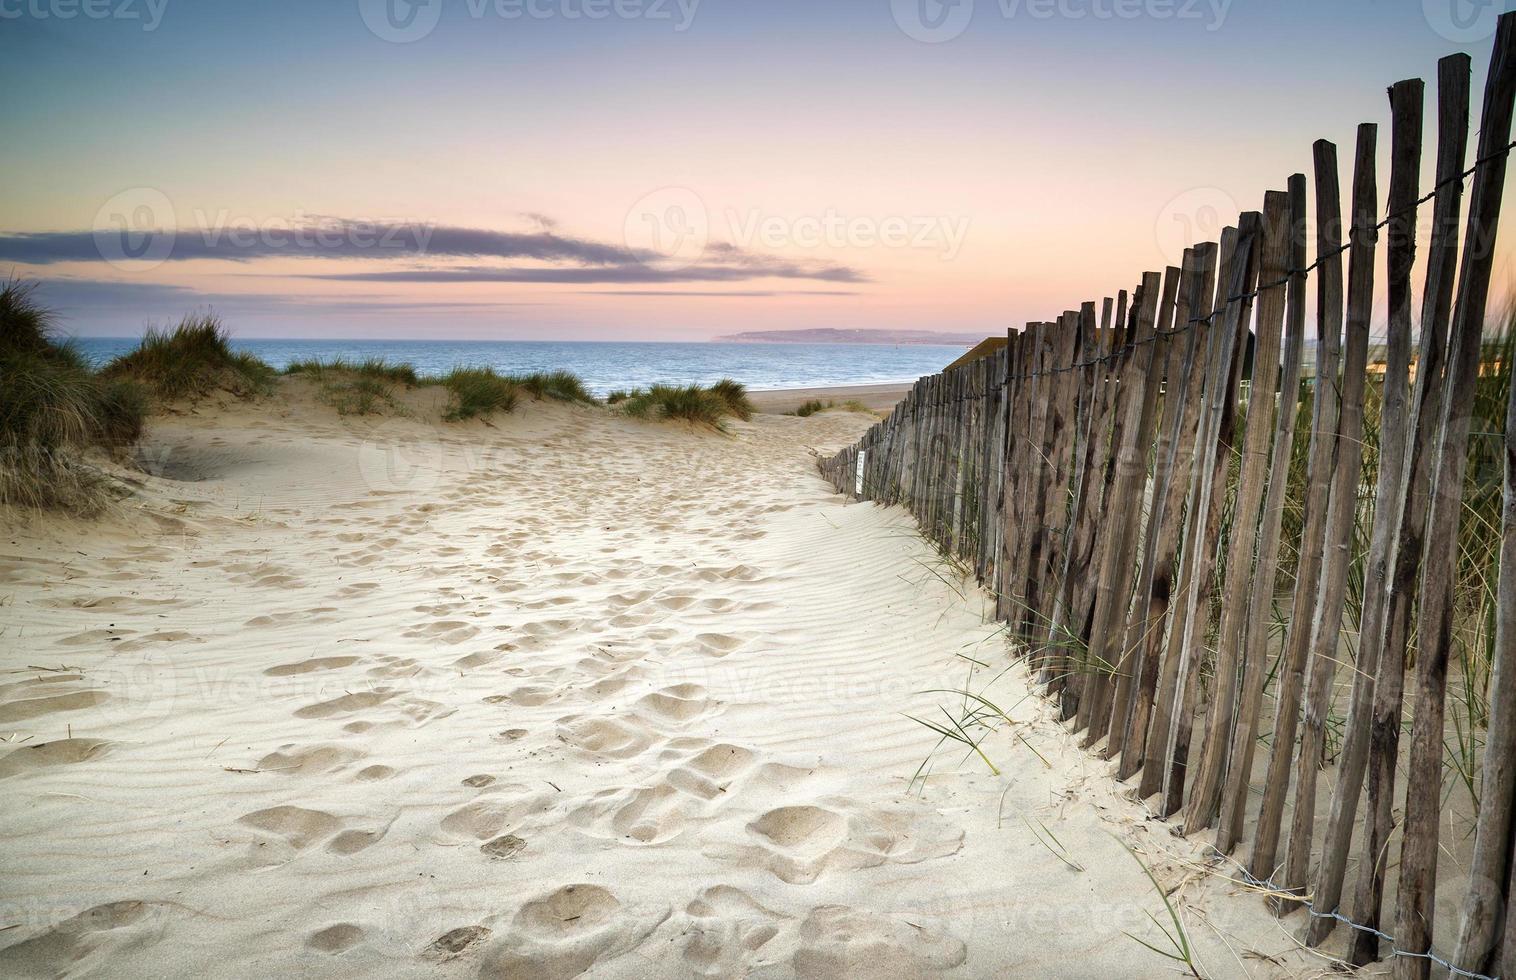 paisagem de dunas de areia ao nascer do sol foto